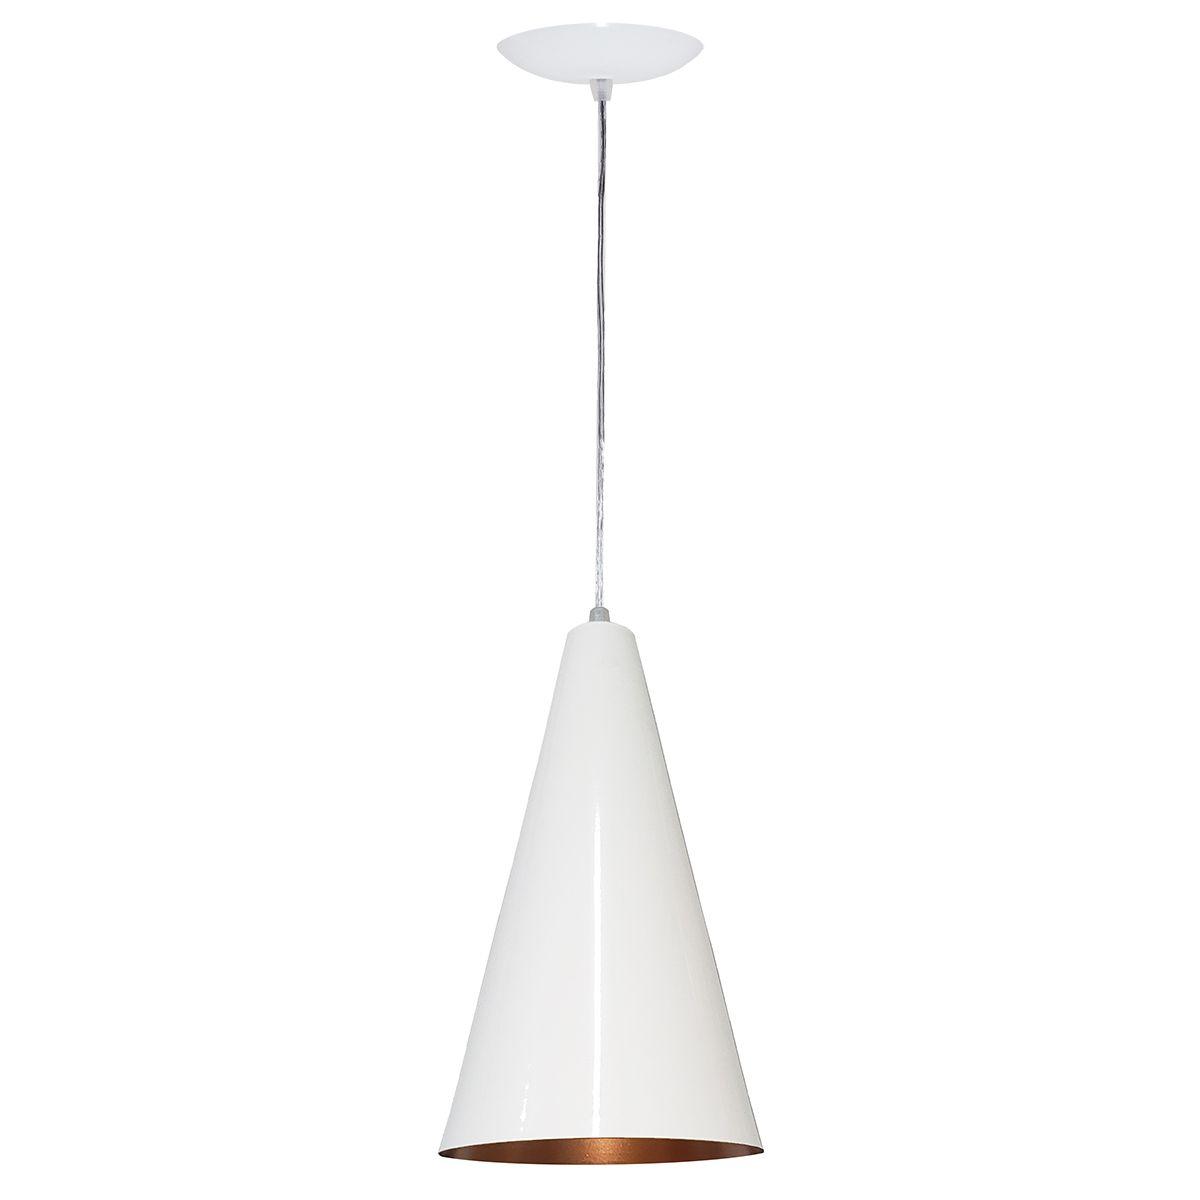 Luminária Decorativa Cônico 20 Branco/Cobre com Pendente